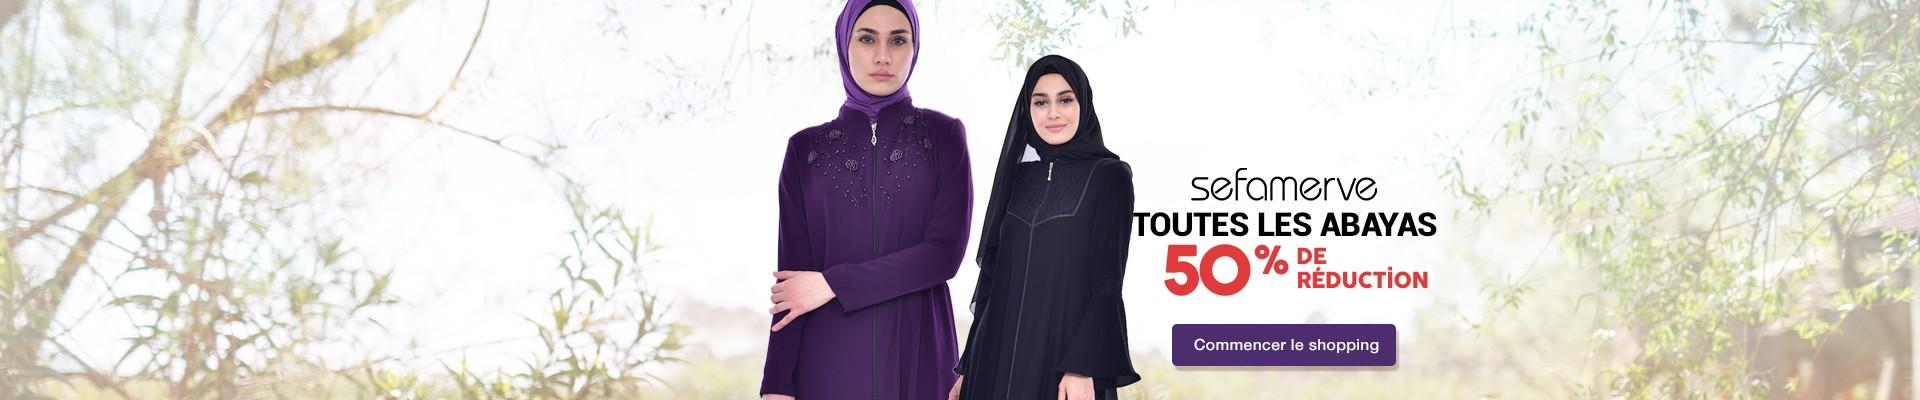 Tous Les Abayas Sefamerve 50% de Réduction